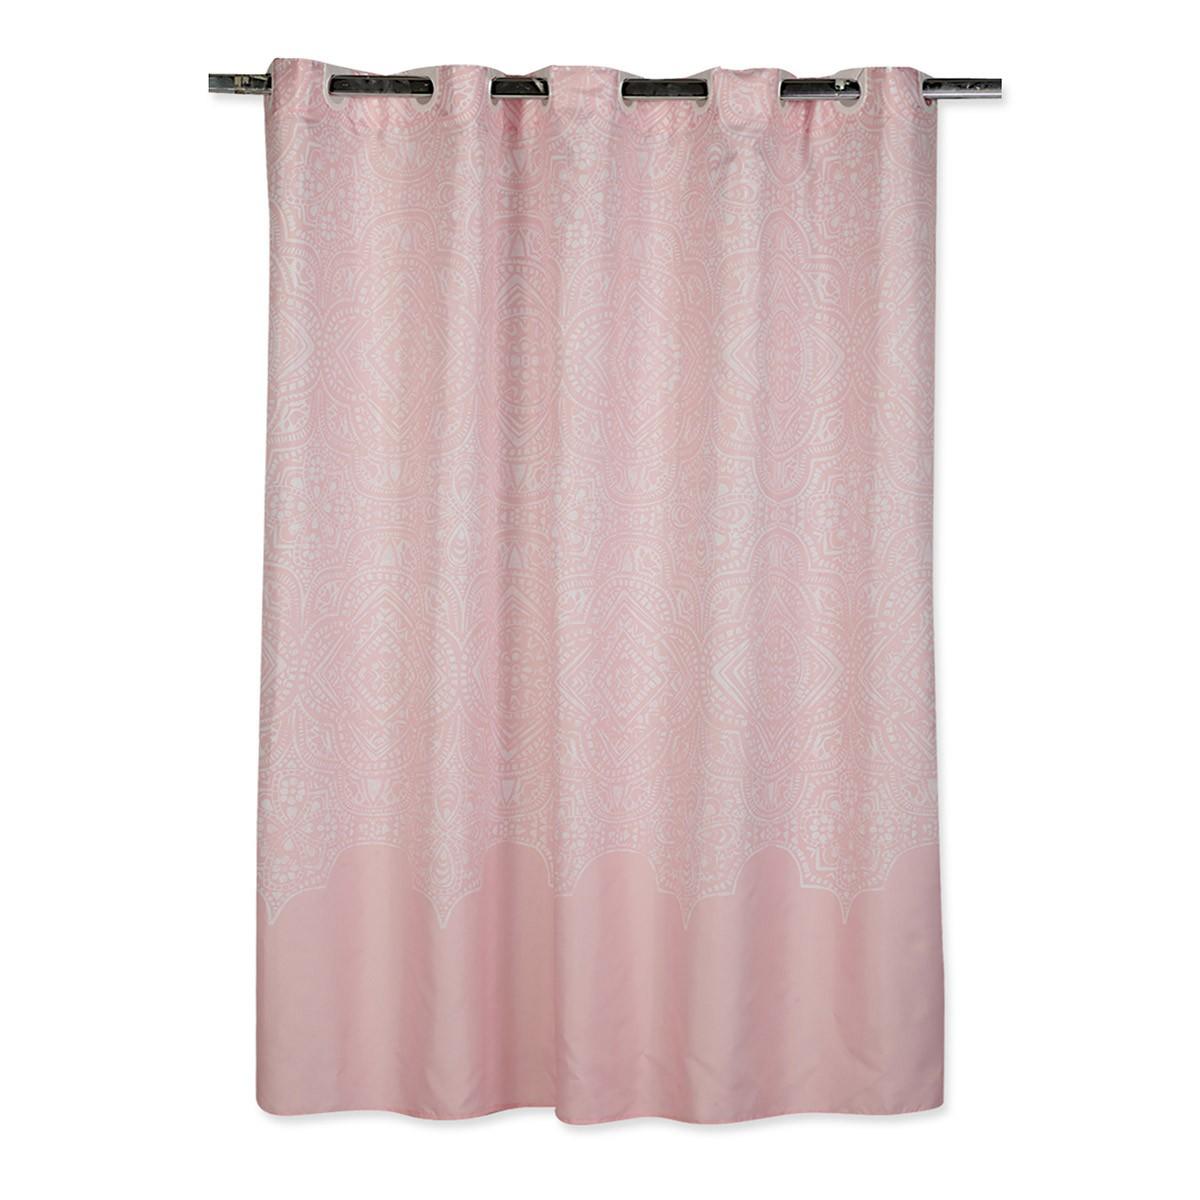 Κουρτίνα Μπάνιου (180×200) Nef-Nef Henna Pink 88642